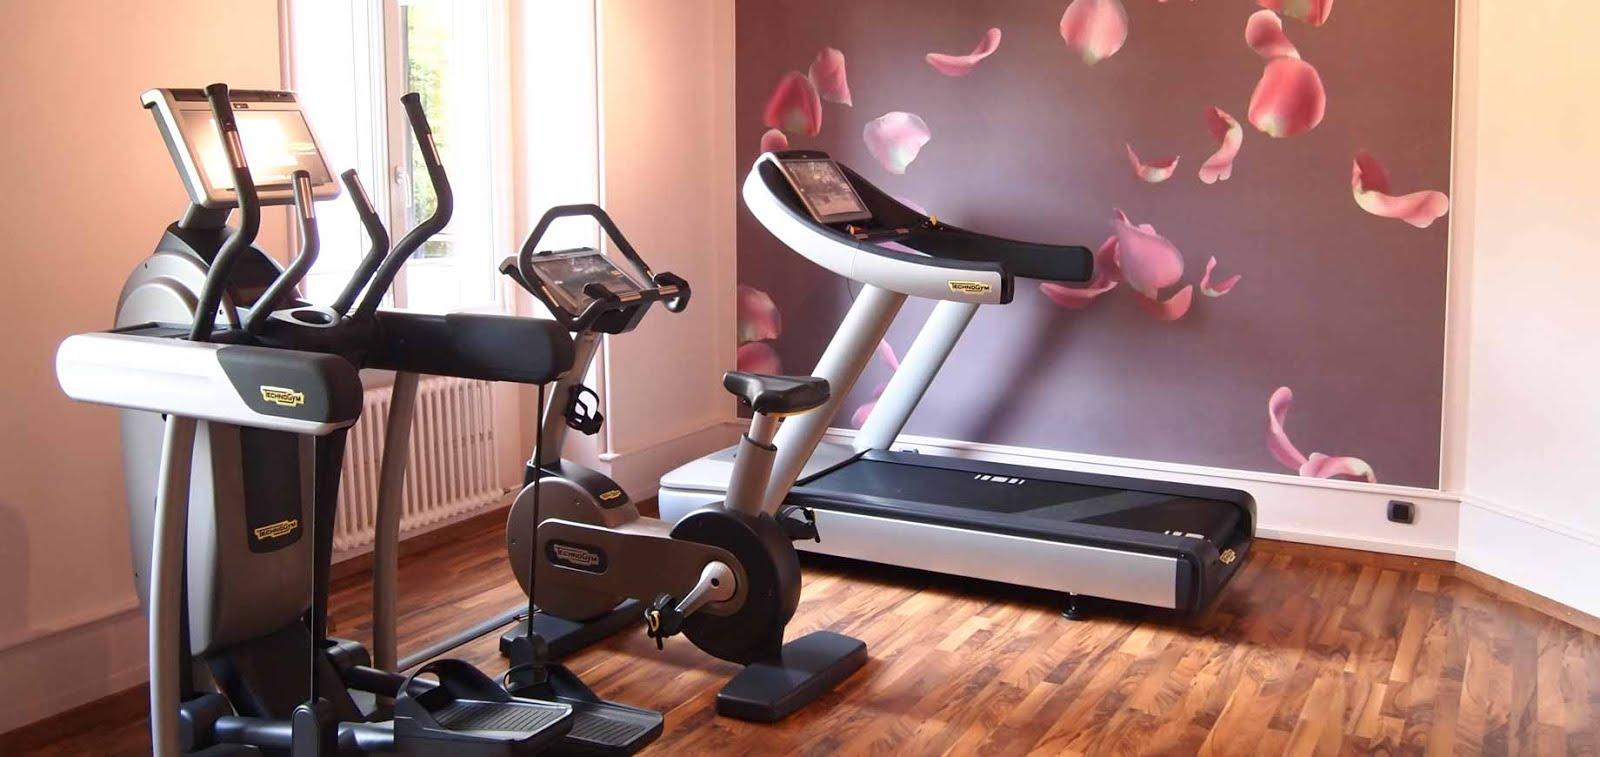 Gymnastique A Faire Chez Soi comment perdre du poids rapidement et sainement: faire du